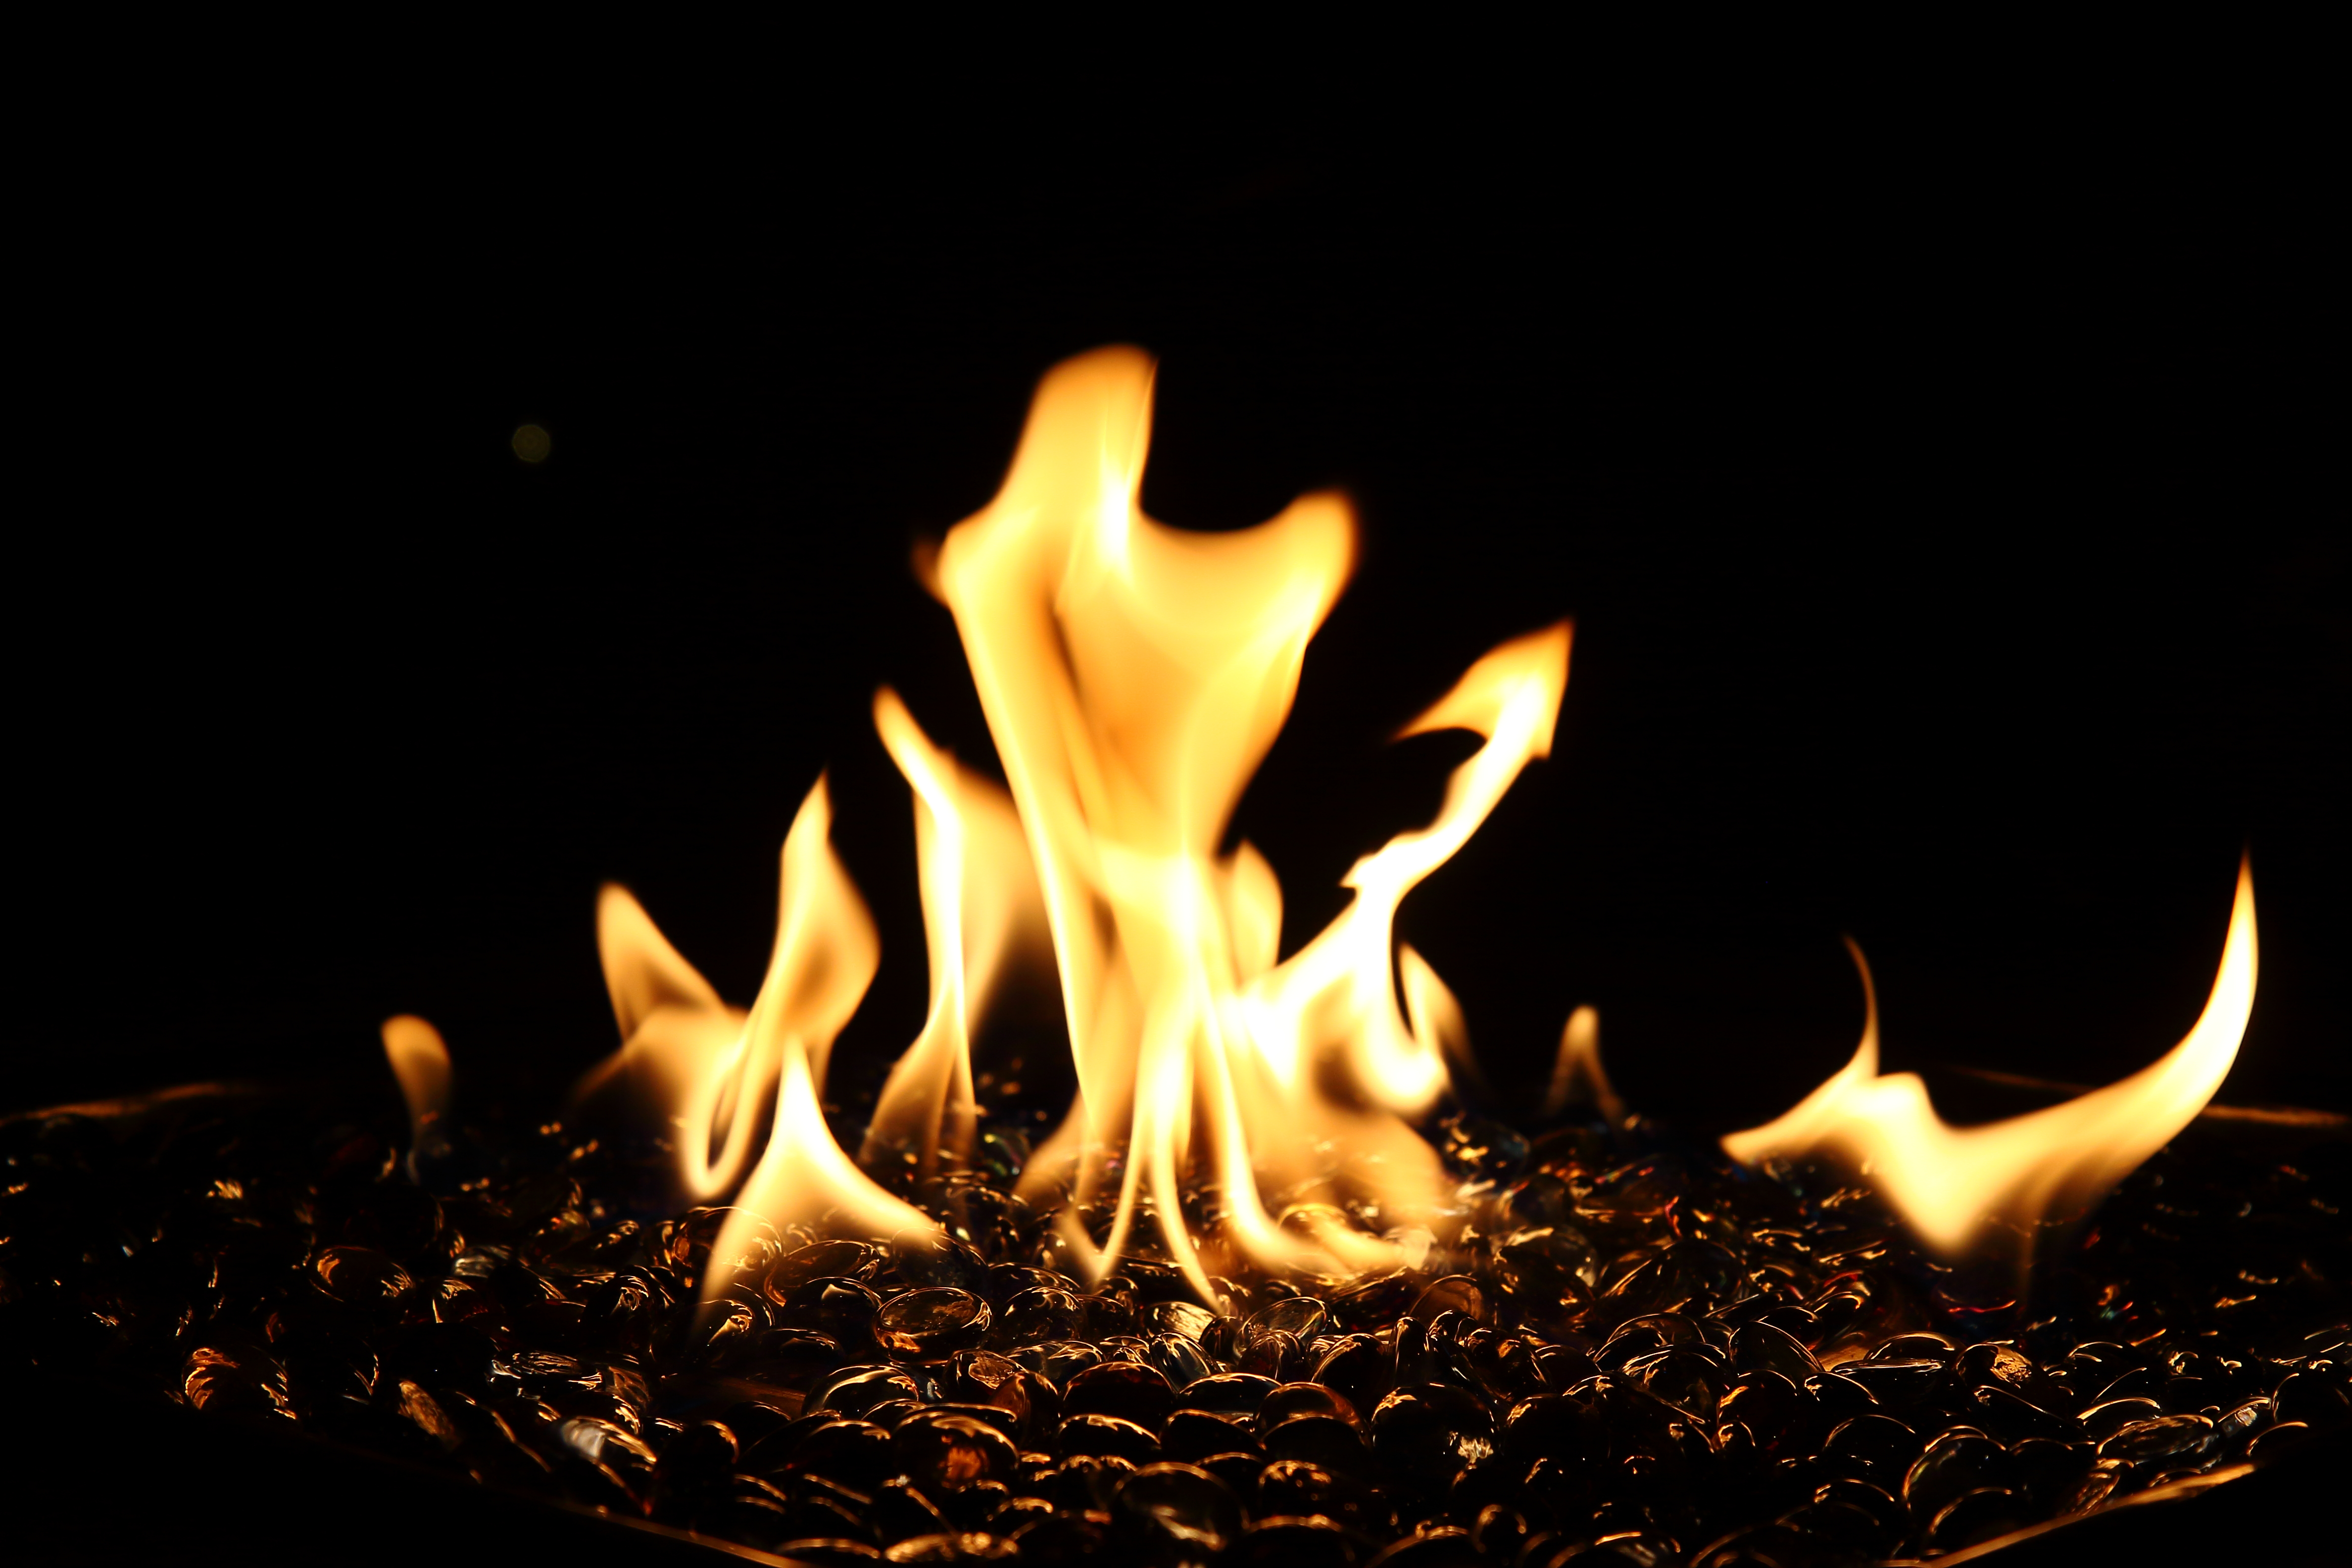 111092 Заставки и Обои Огонь на телефон. Скачать Огонь, Костер, Темные, Пламя, Темный, Огненный картинки бесплатно